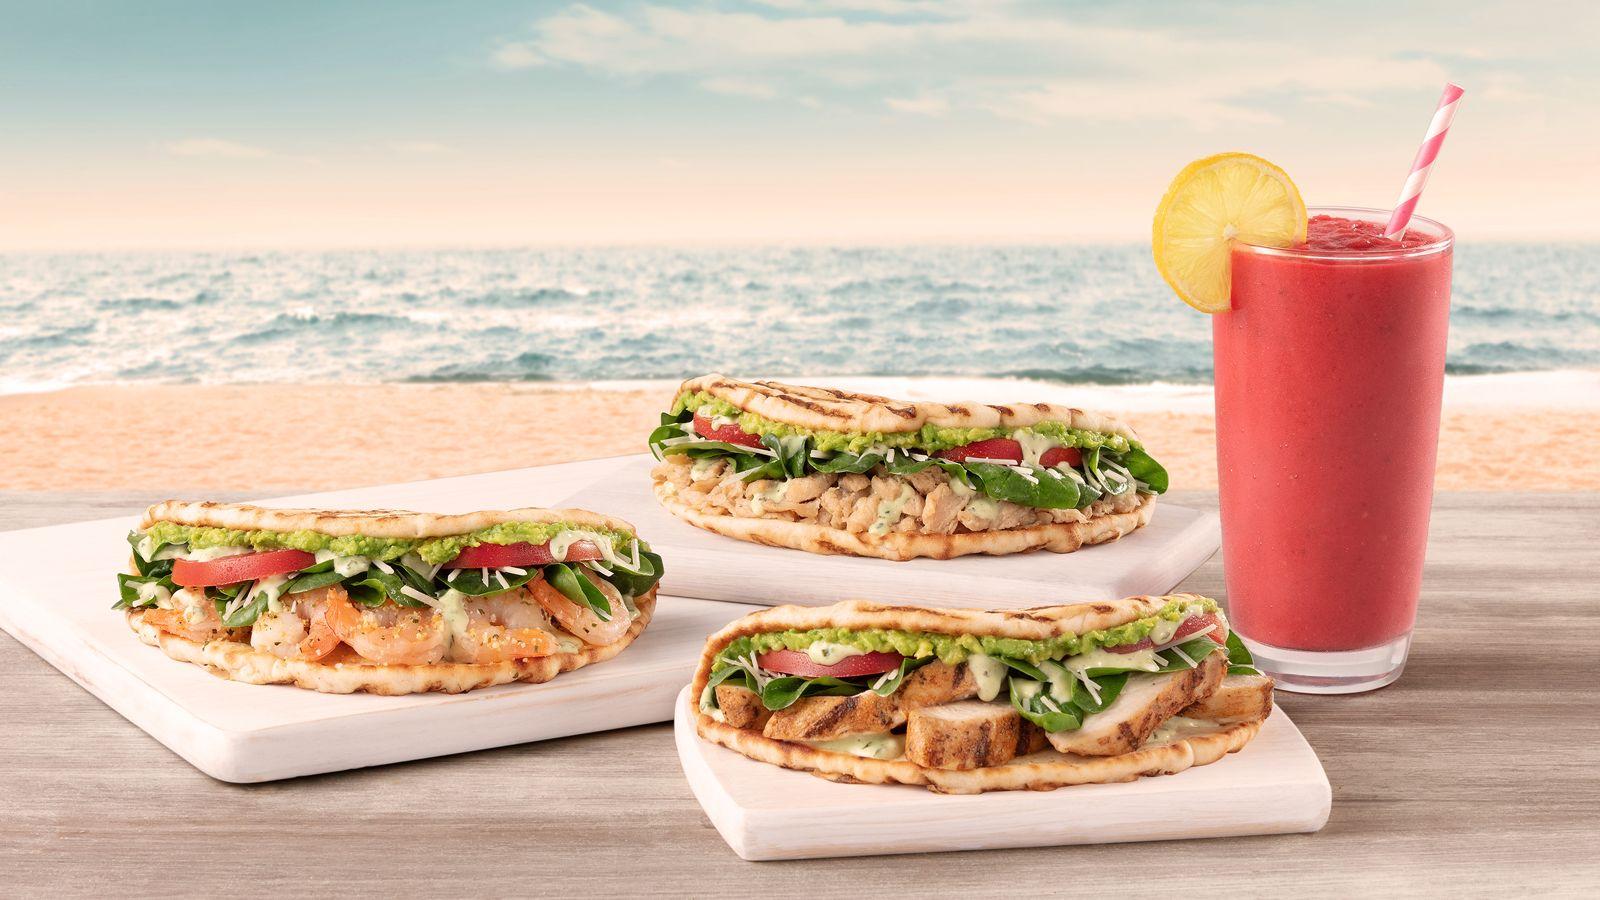 Le Tropical Smoothie Cafe à croissance rapide atteint 1 000 emplacements